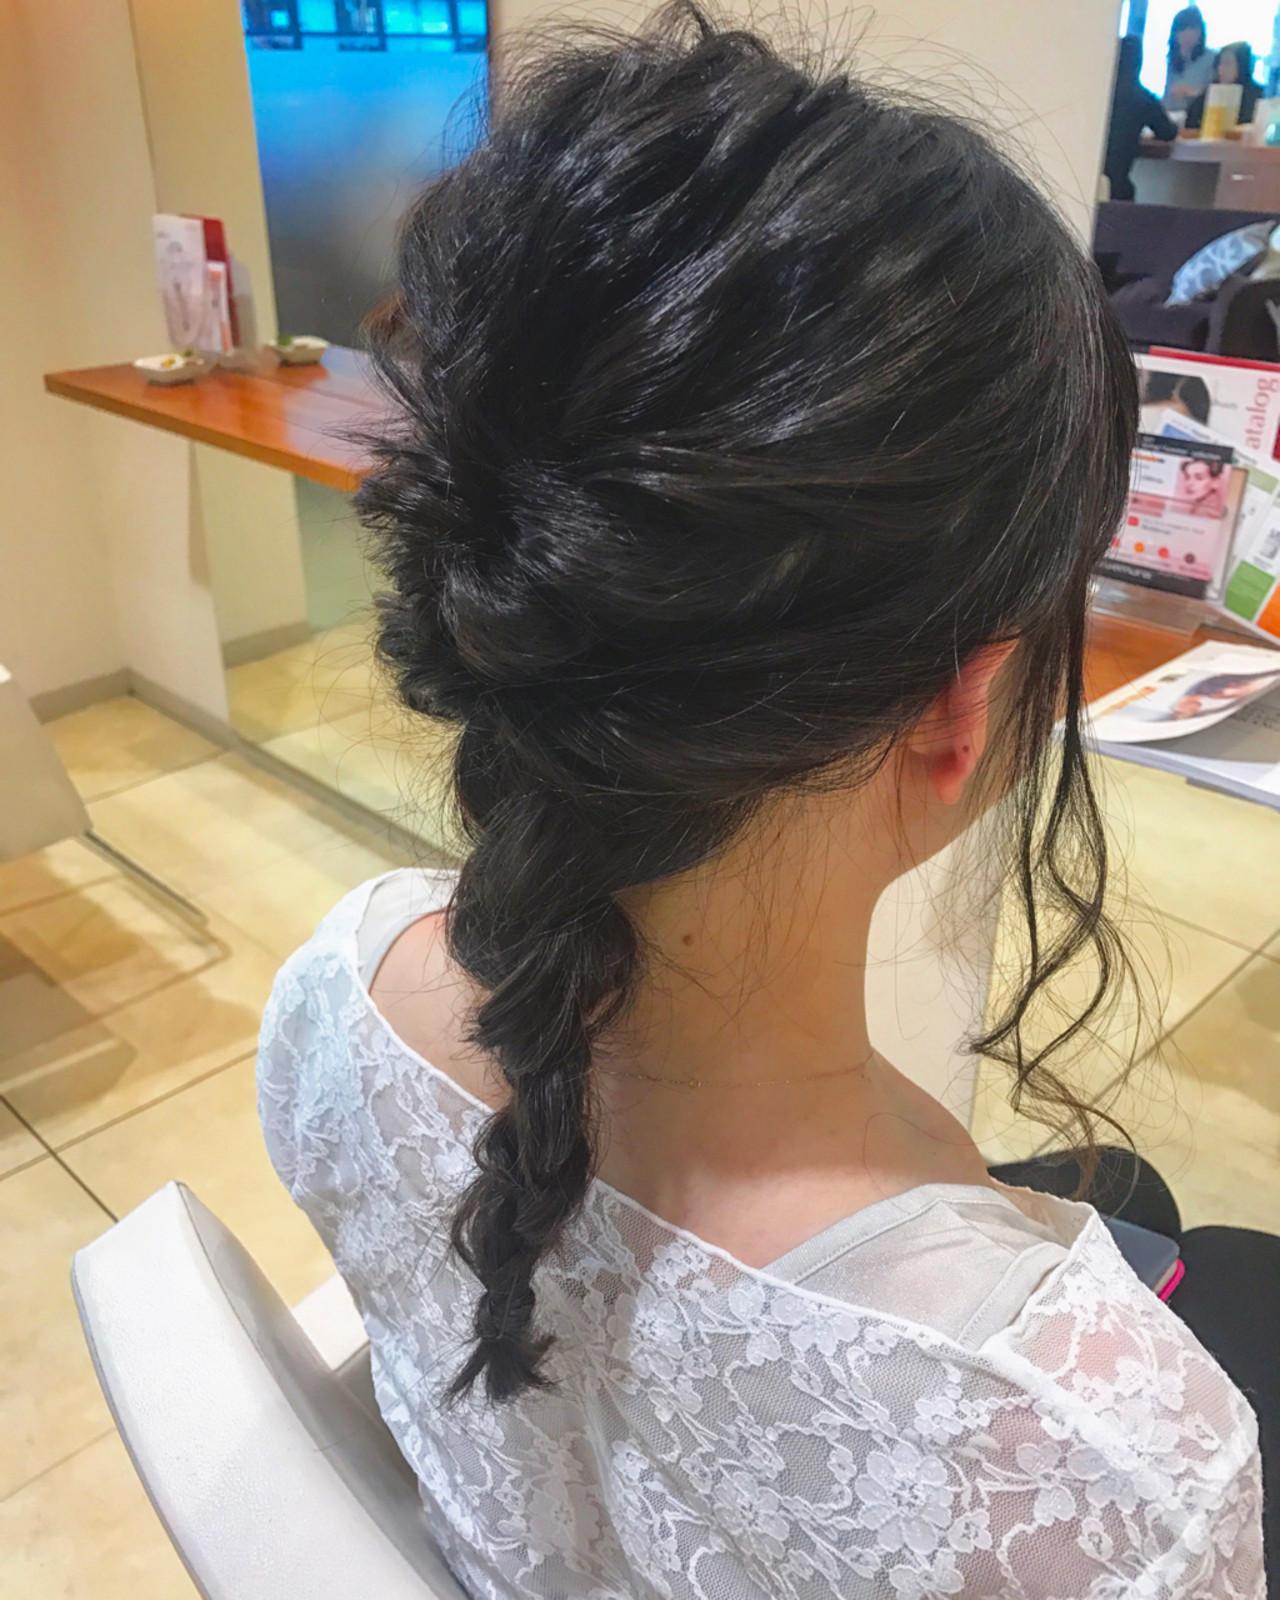 セミロング 結婚式 女子会 ナチュラル ヘアスタイルや髪型の写真・画像